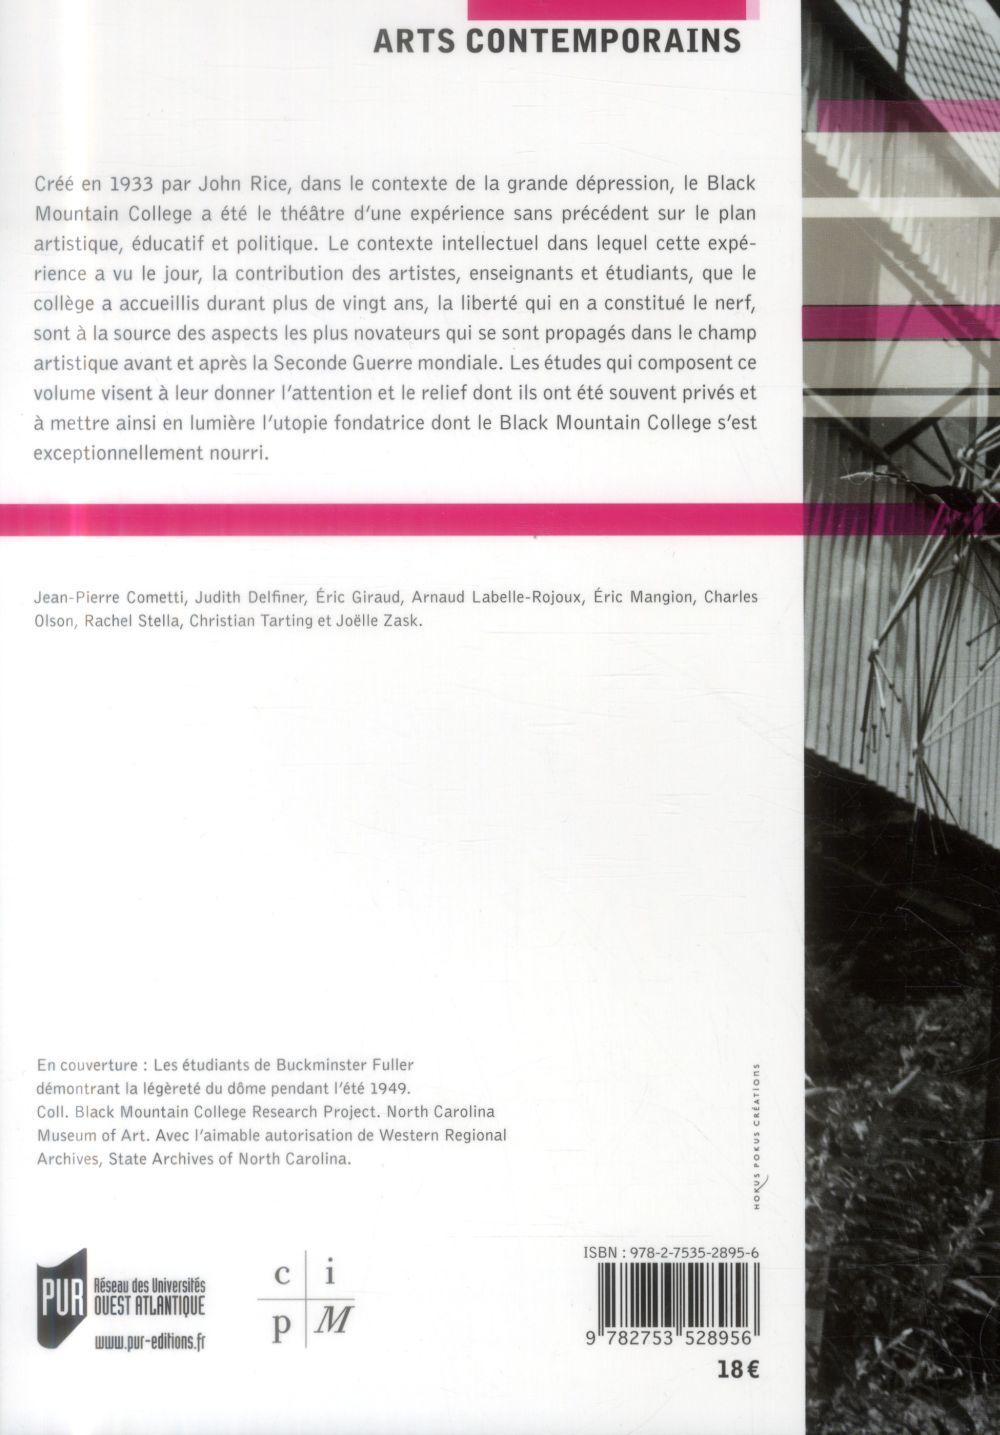 black mountain college ; art, démocratie, utopie